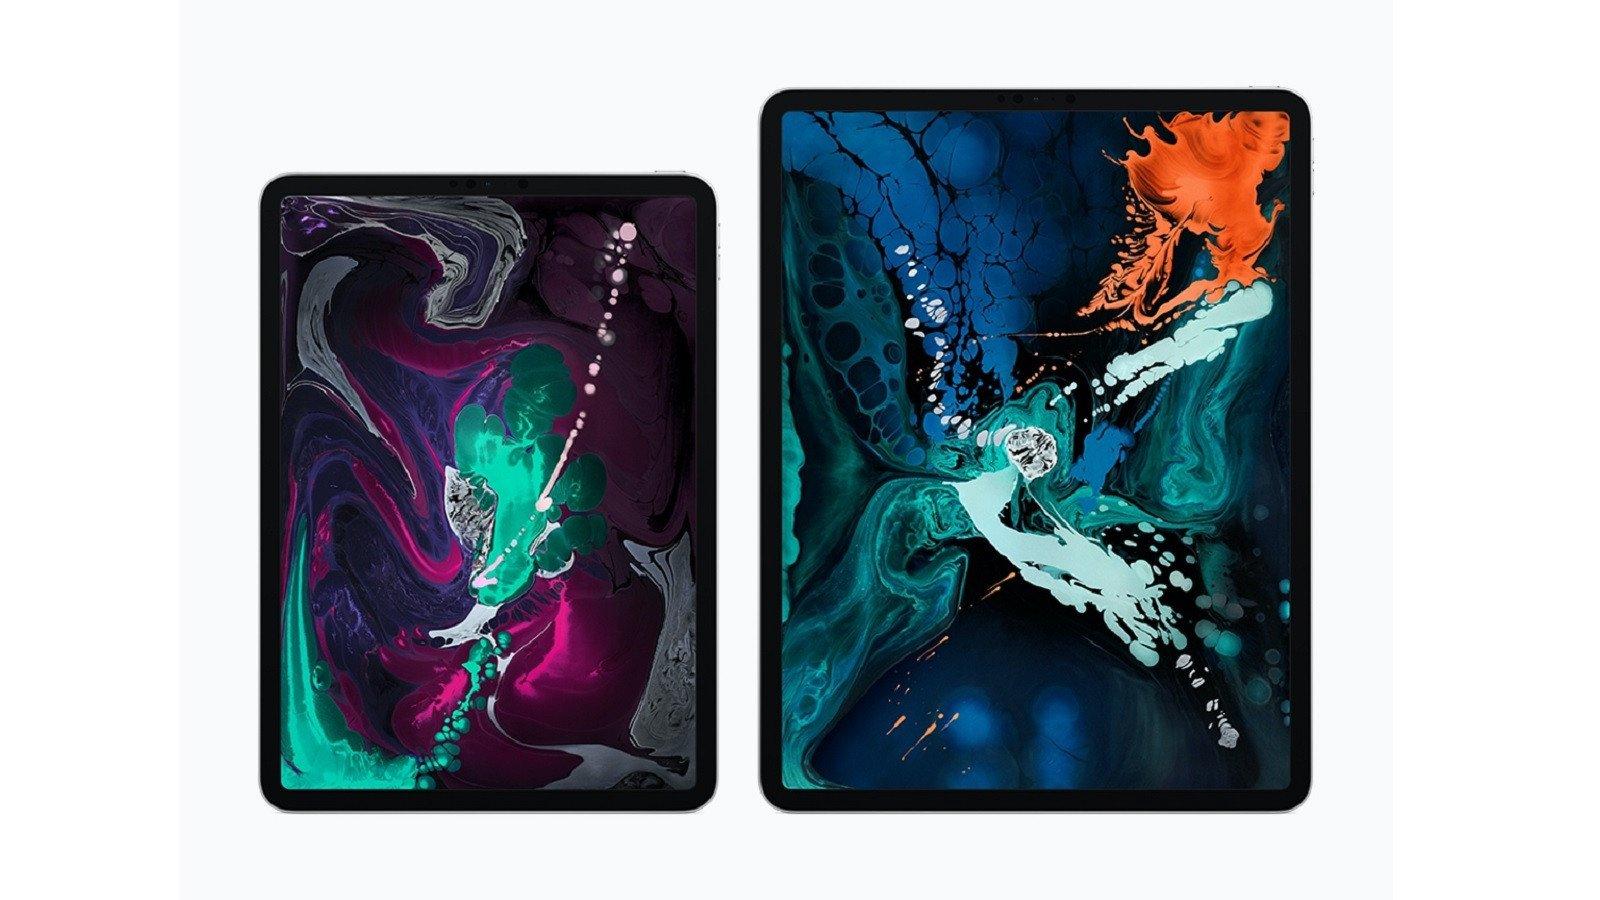 Αυτά περιμένουμε από τα νέα iPad που θα παρουσιαστούν το 2019 | panathinaikos24.gr